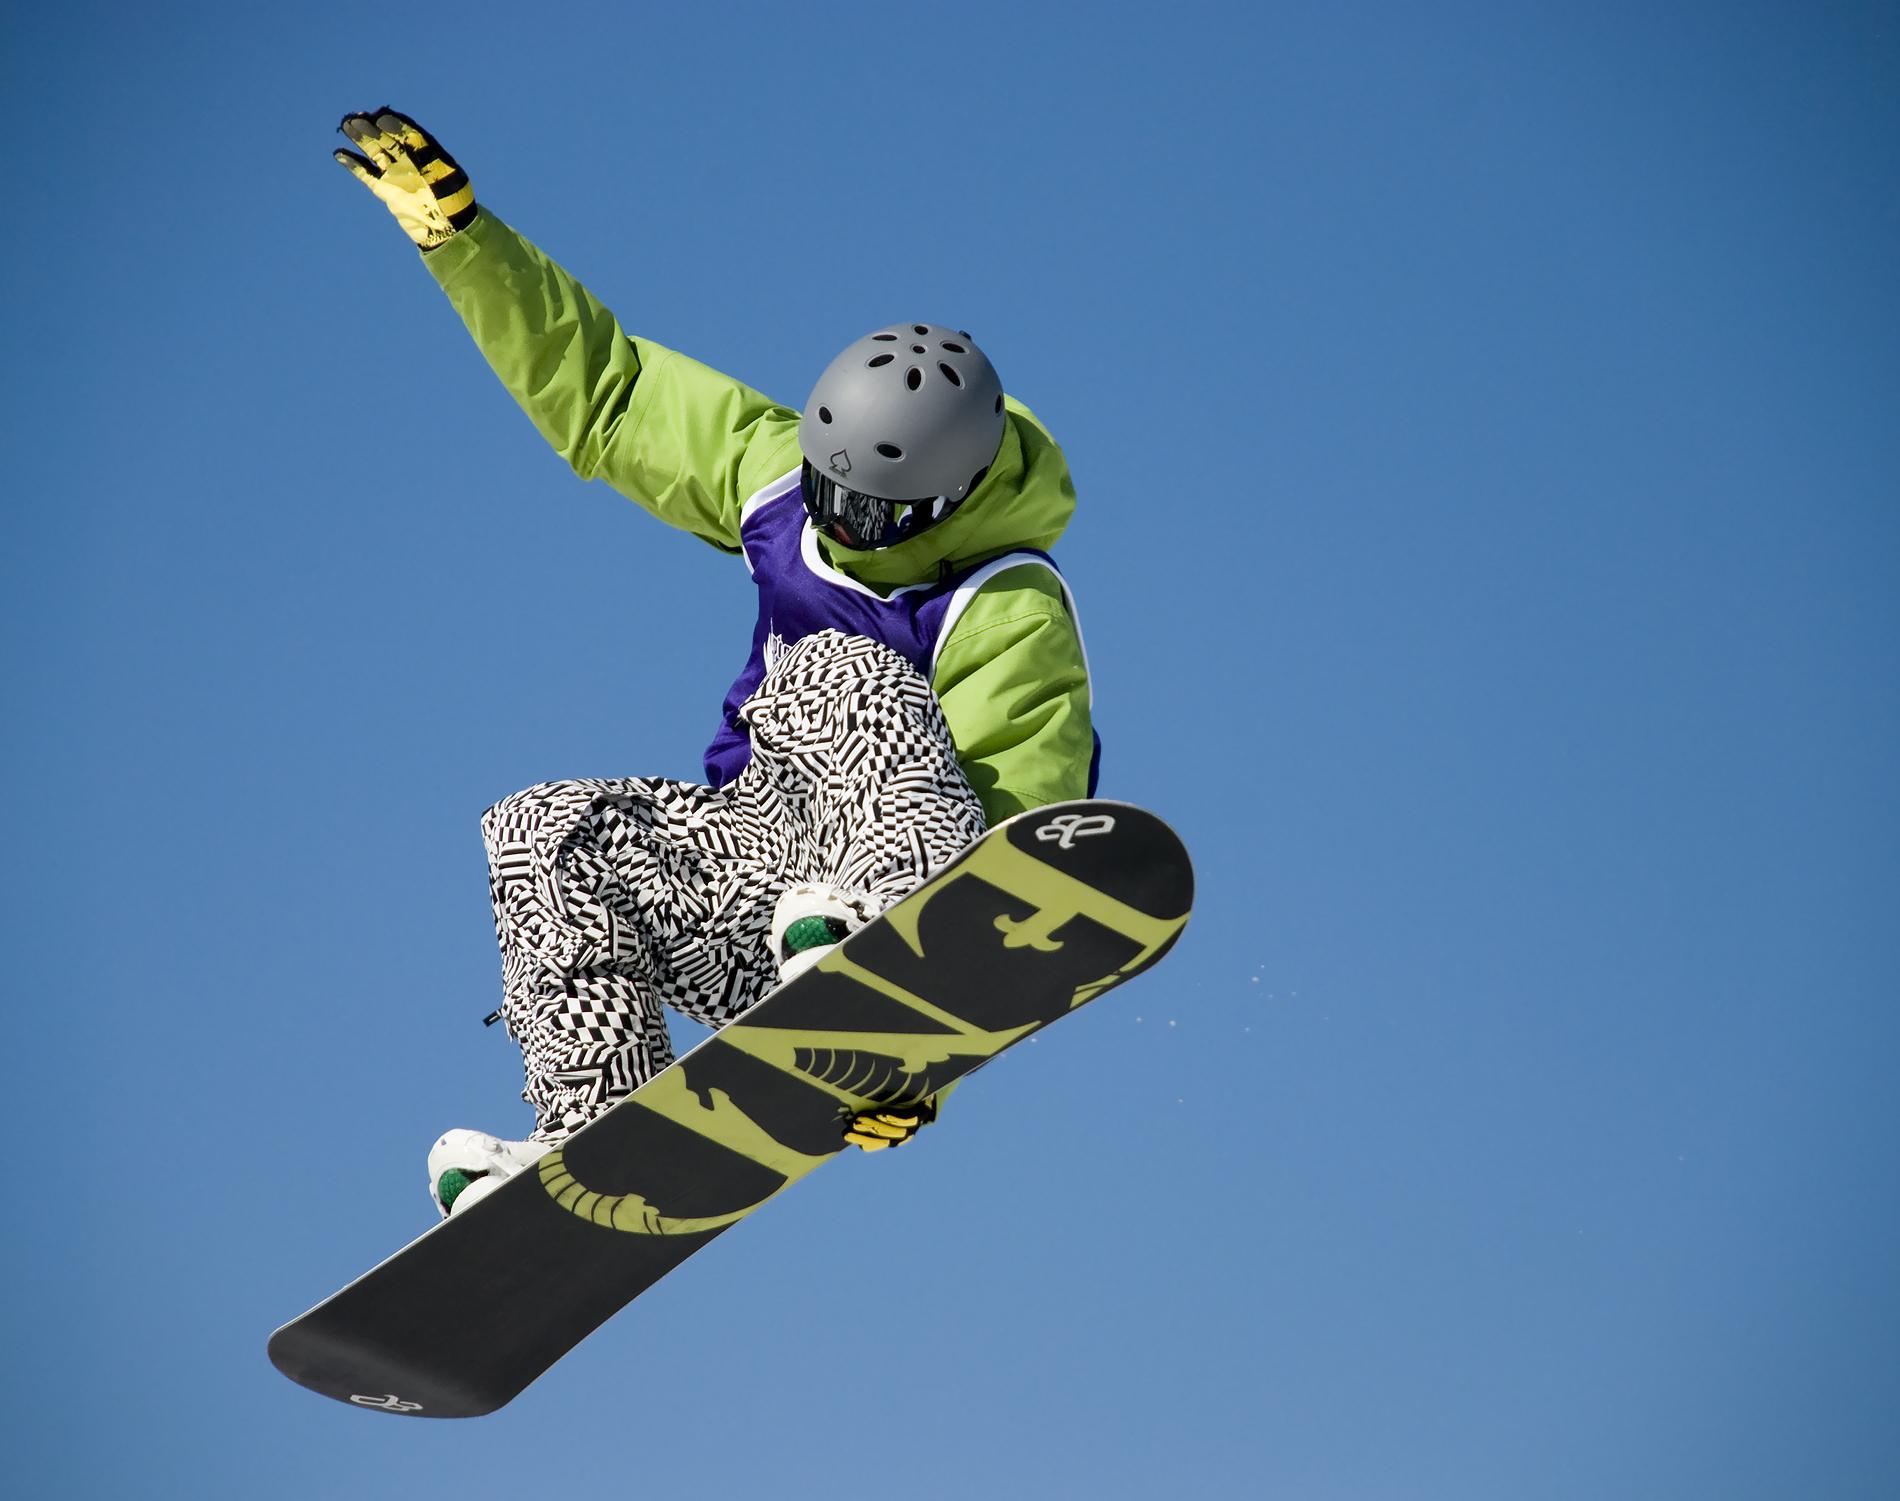 сноубордист, трюк, прыжок, фото, обои для рабочего стола, скачать